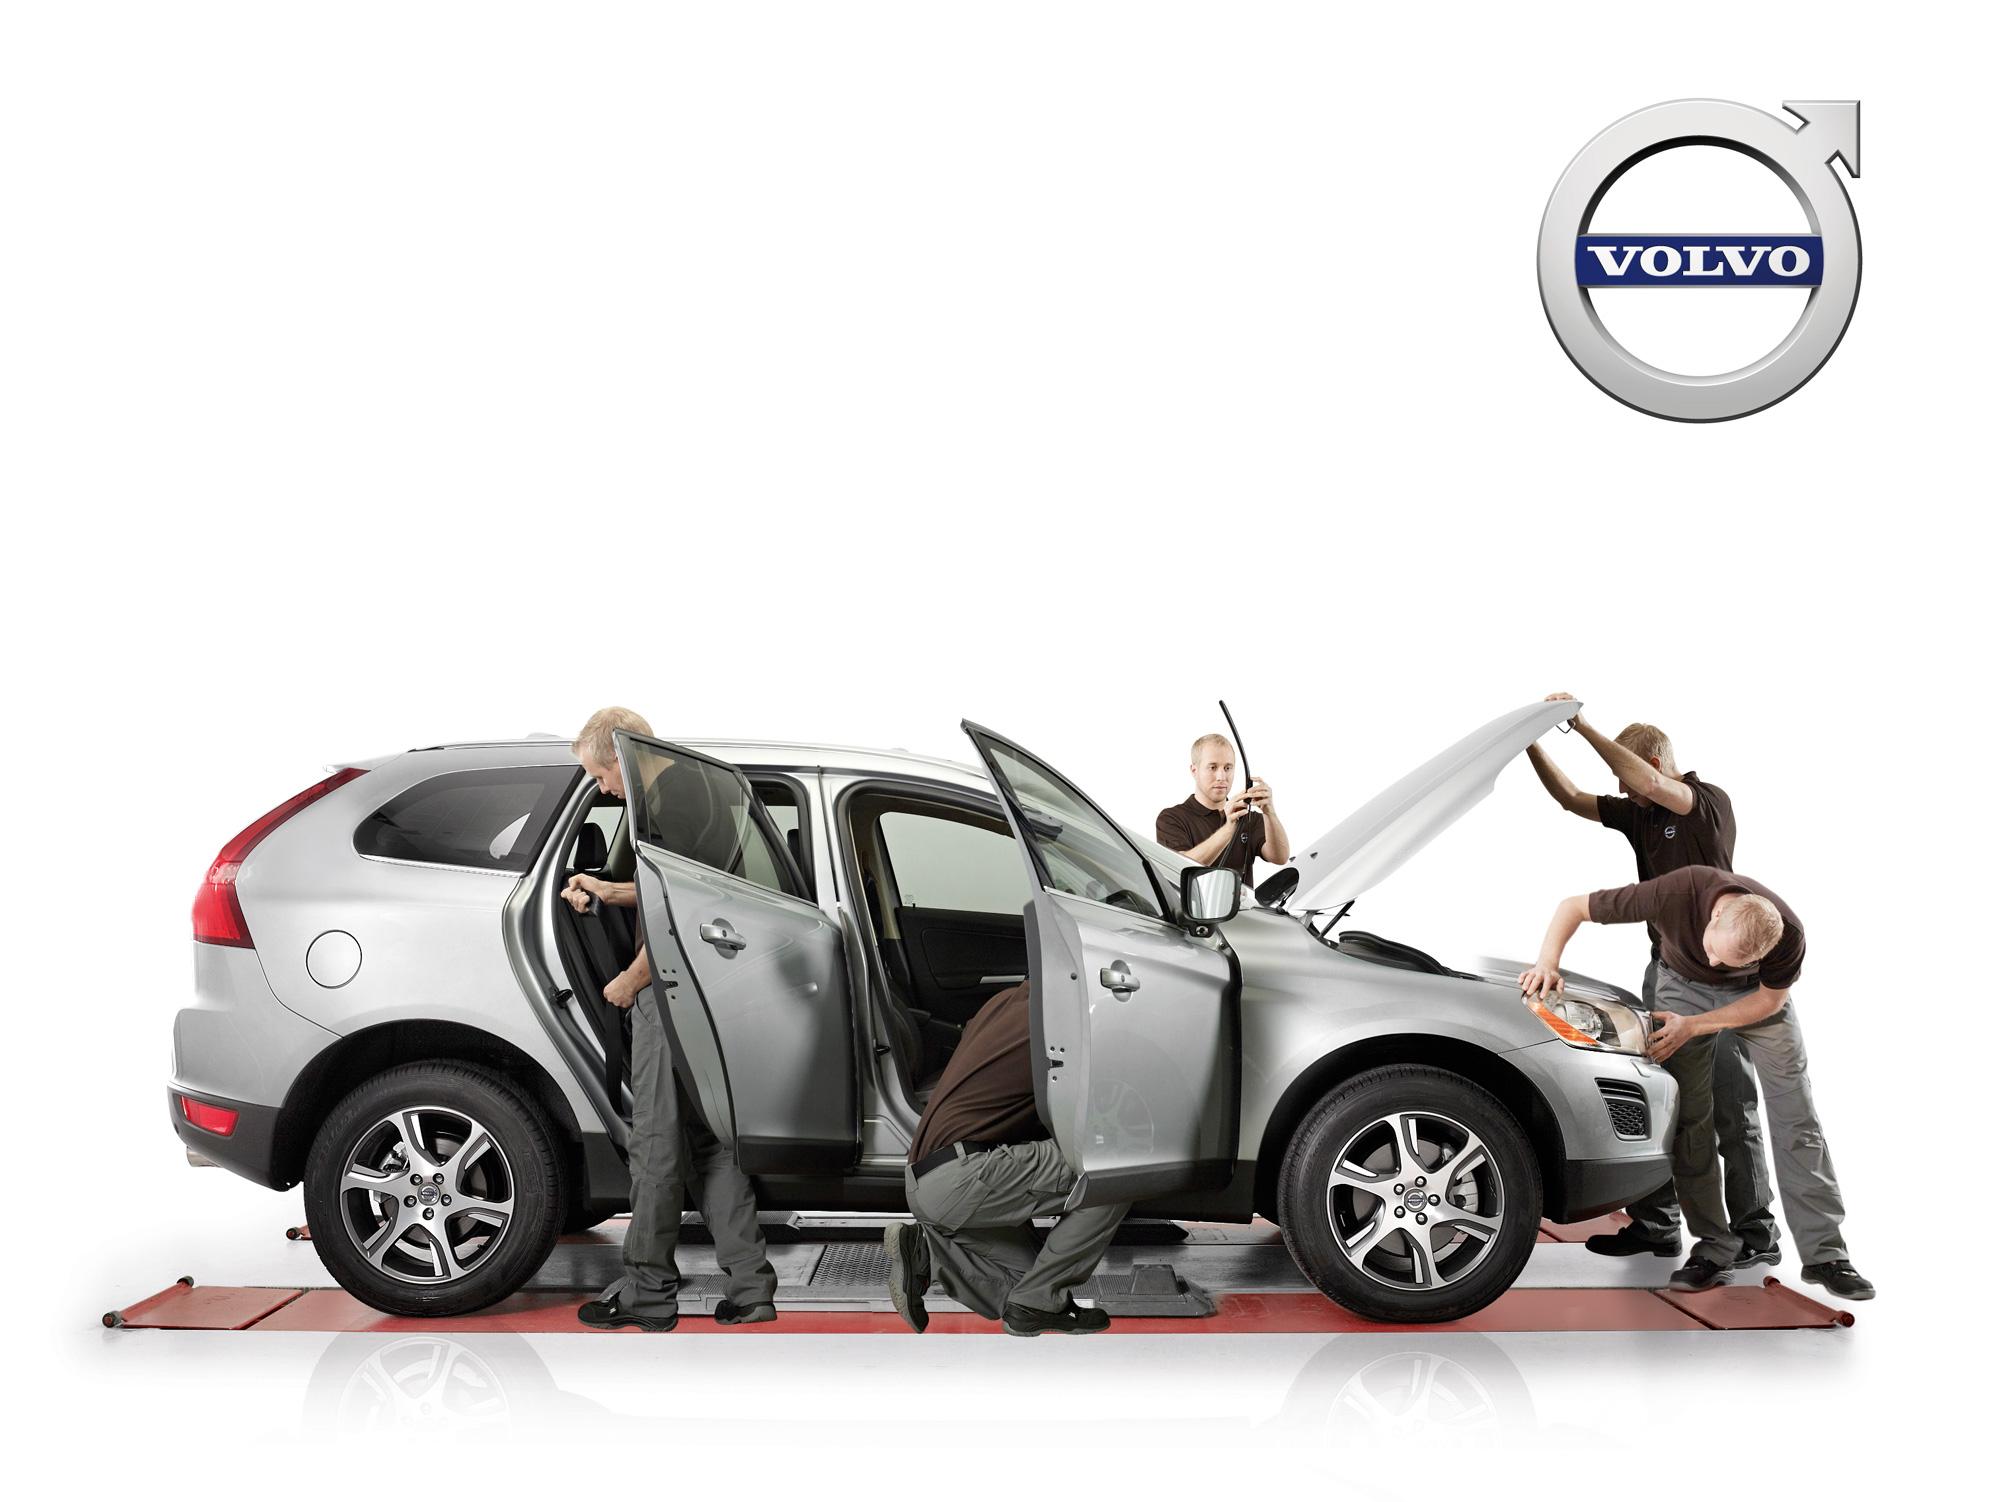 Volvo Personal Service